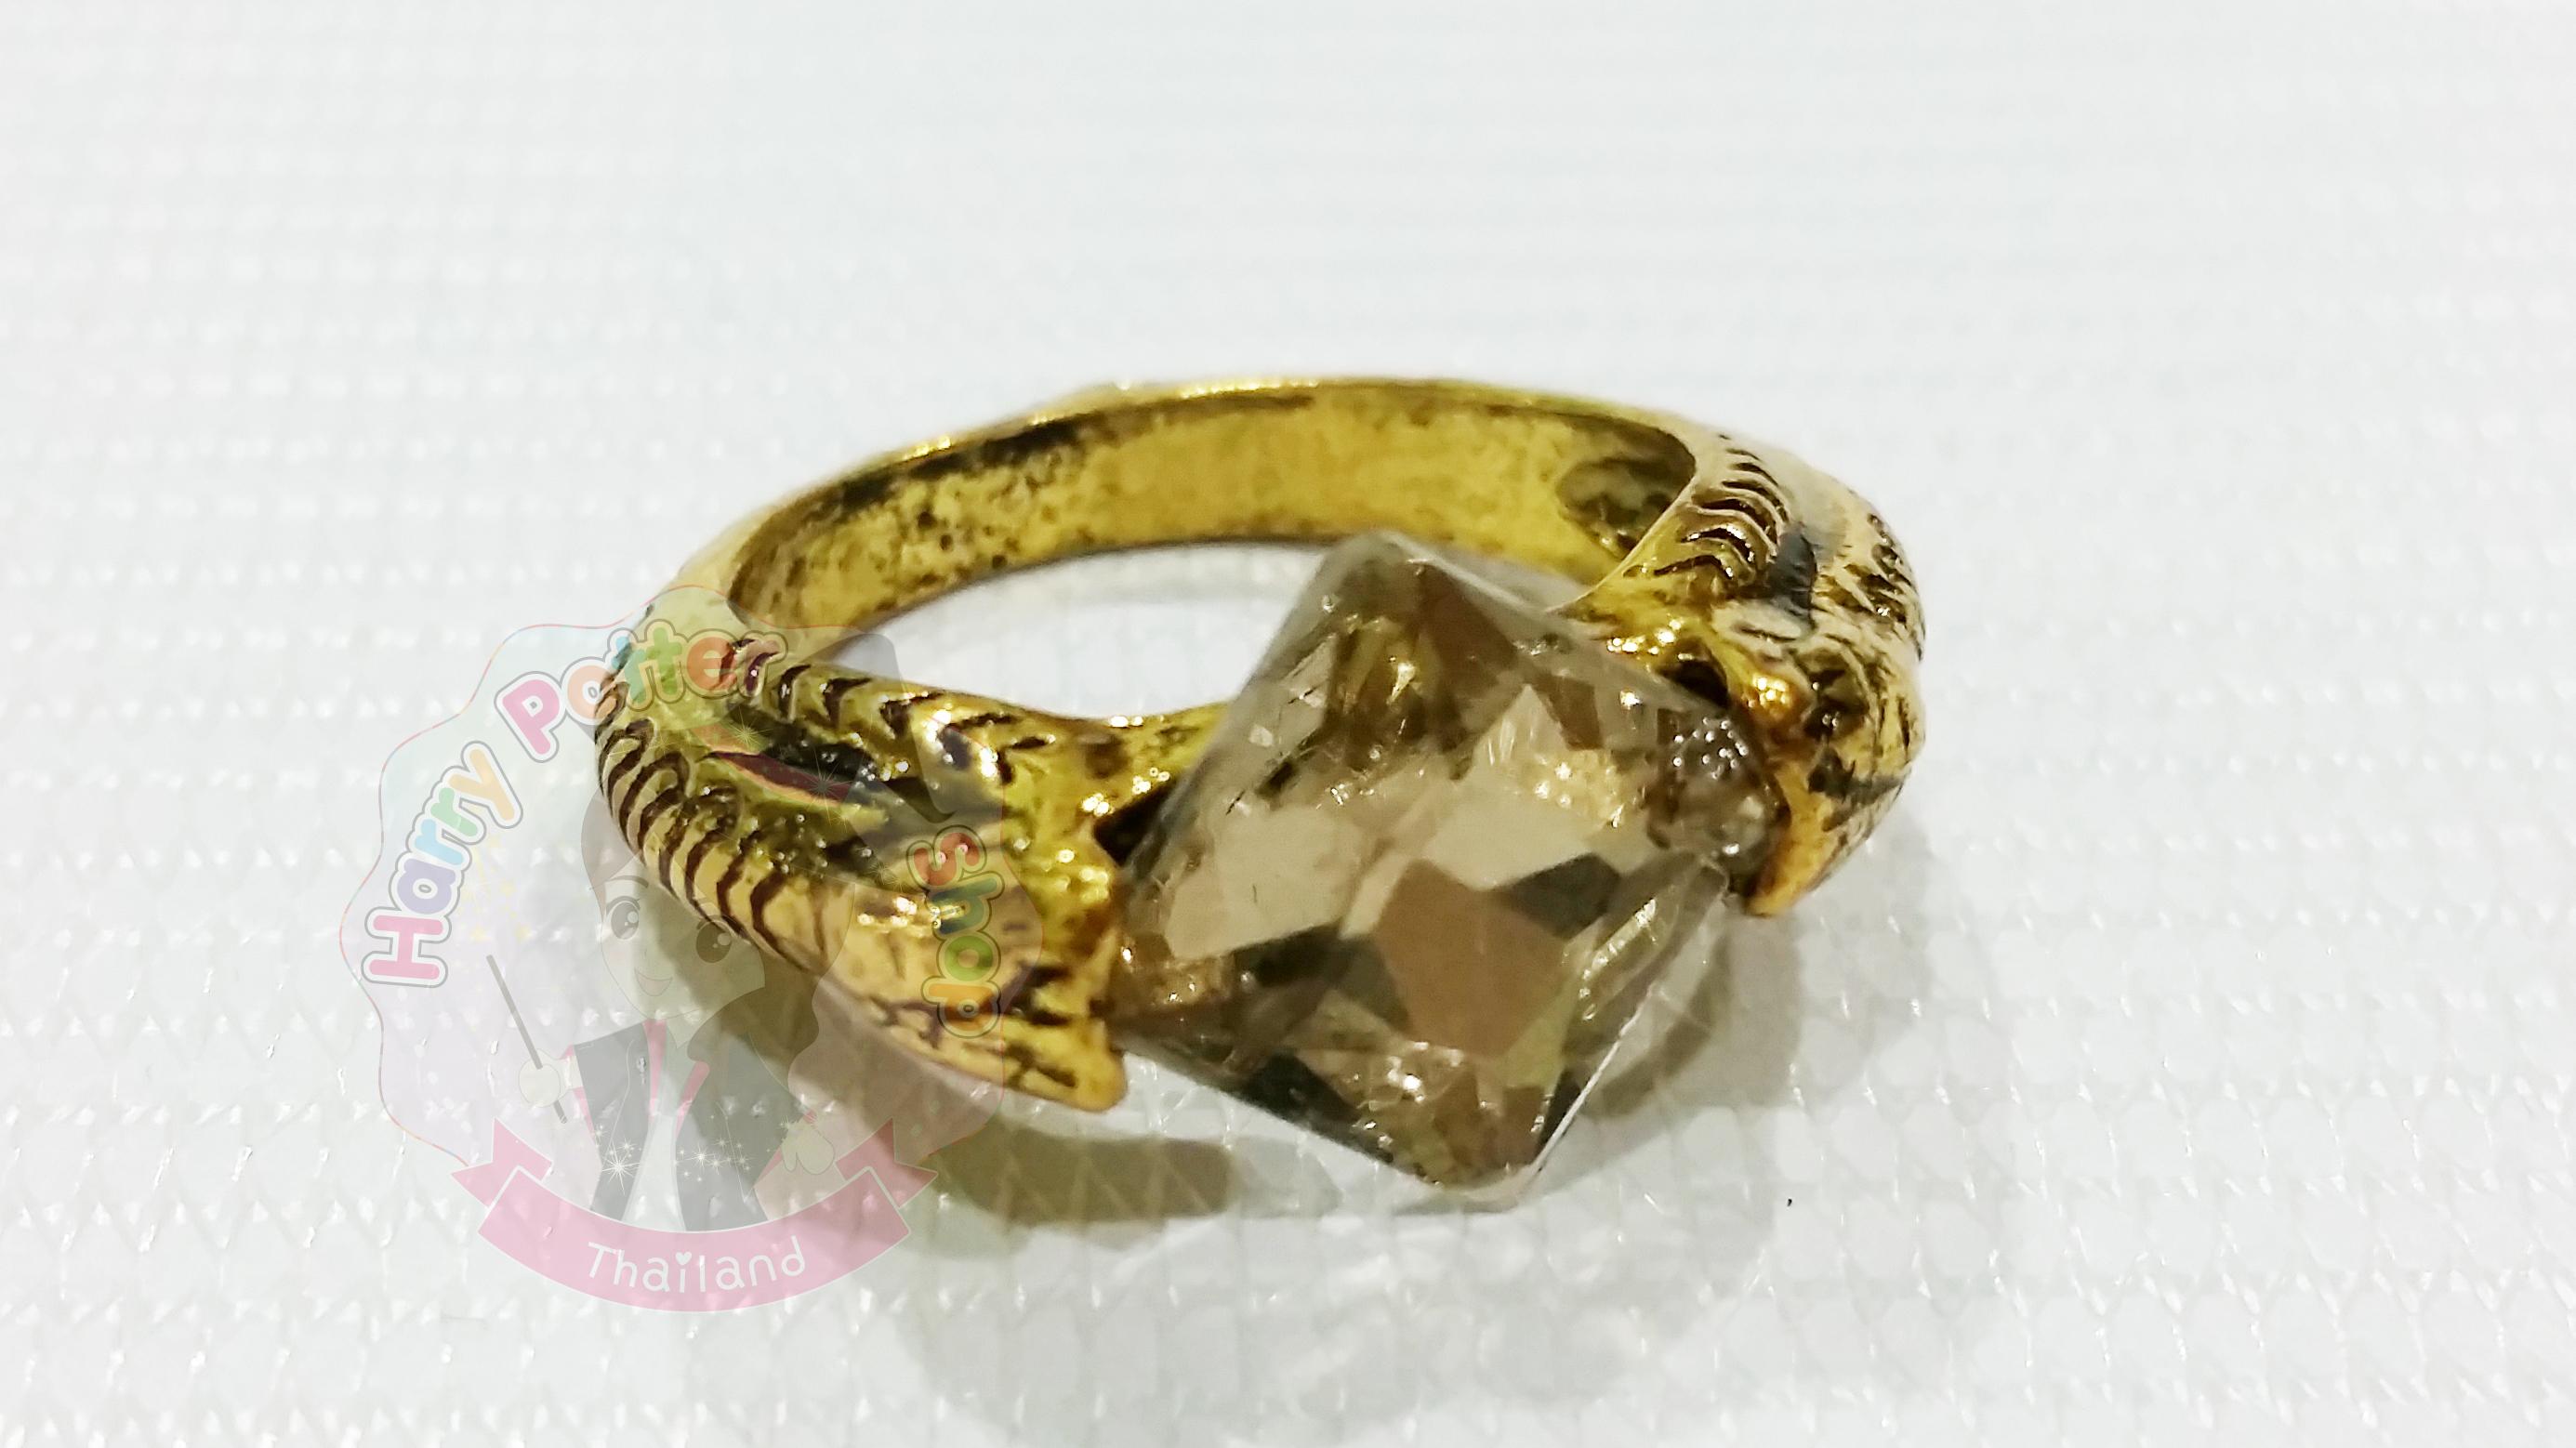 แหวน ตระกูลก๊อน (ฮอร์ครักซ์)